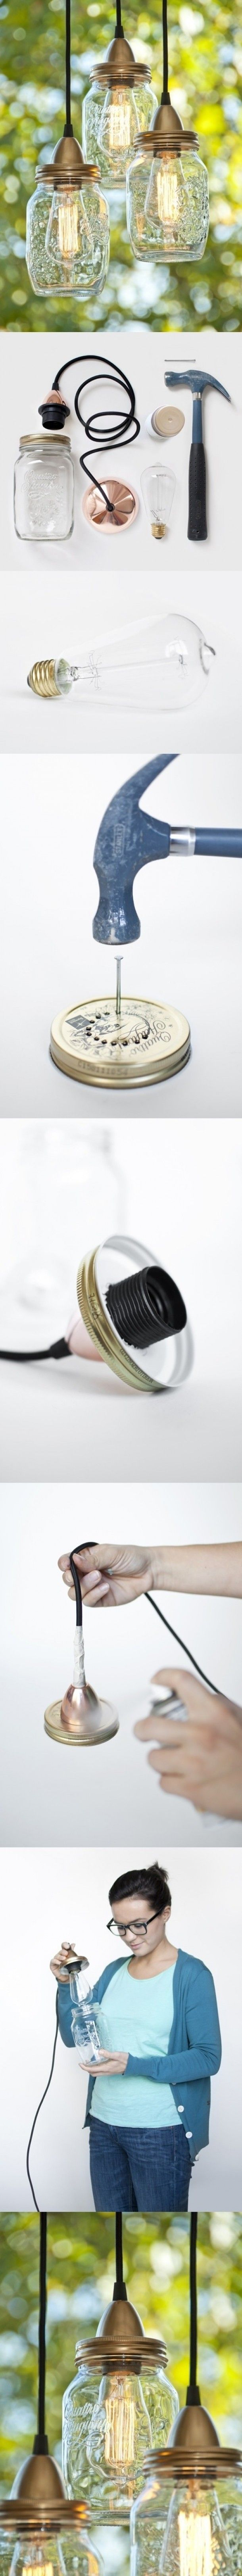 Zelfmaak lamp van Mason Jars